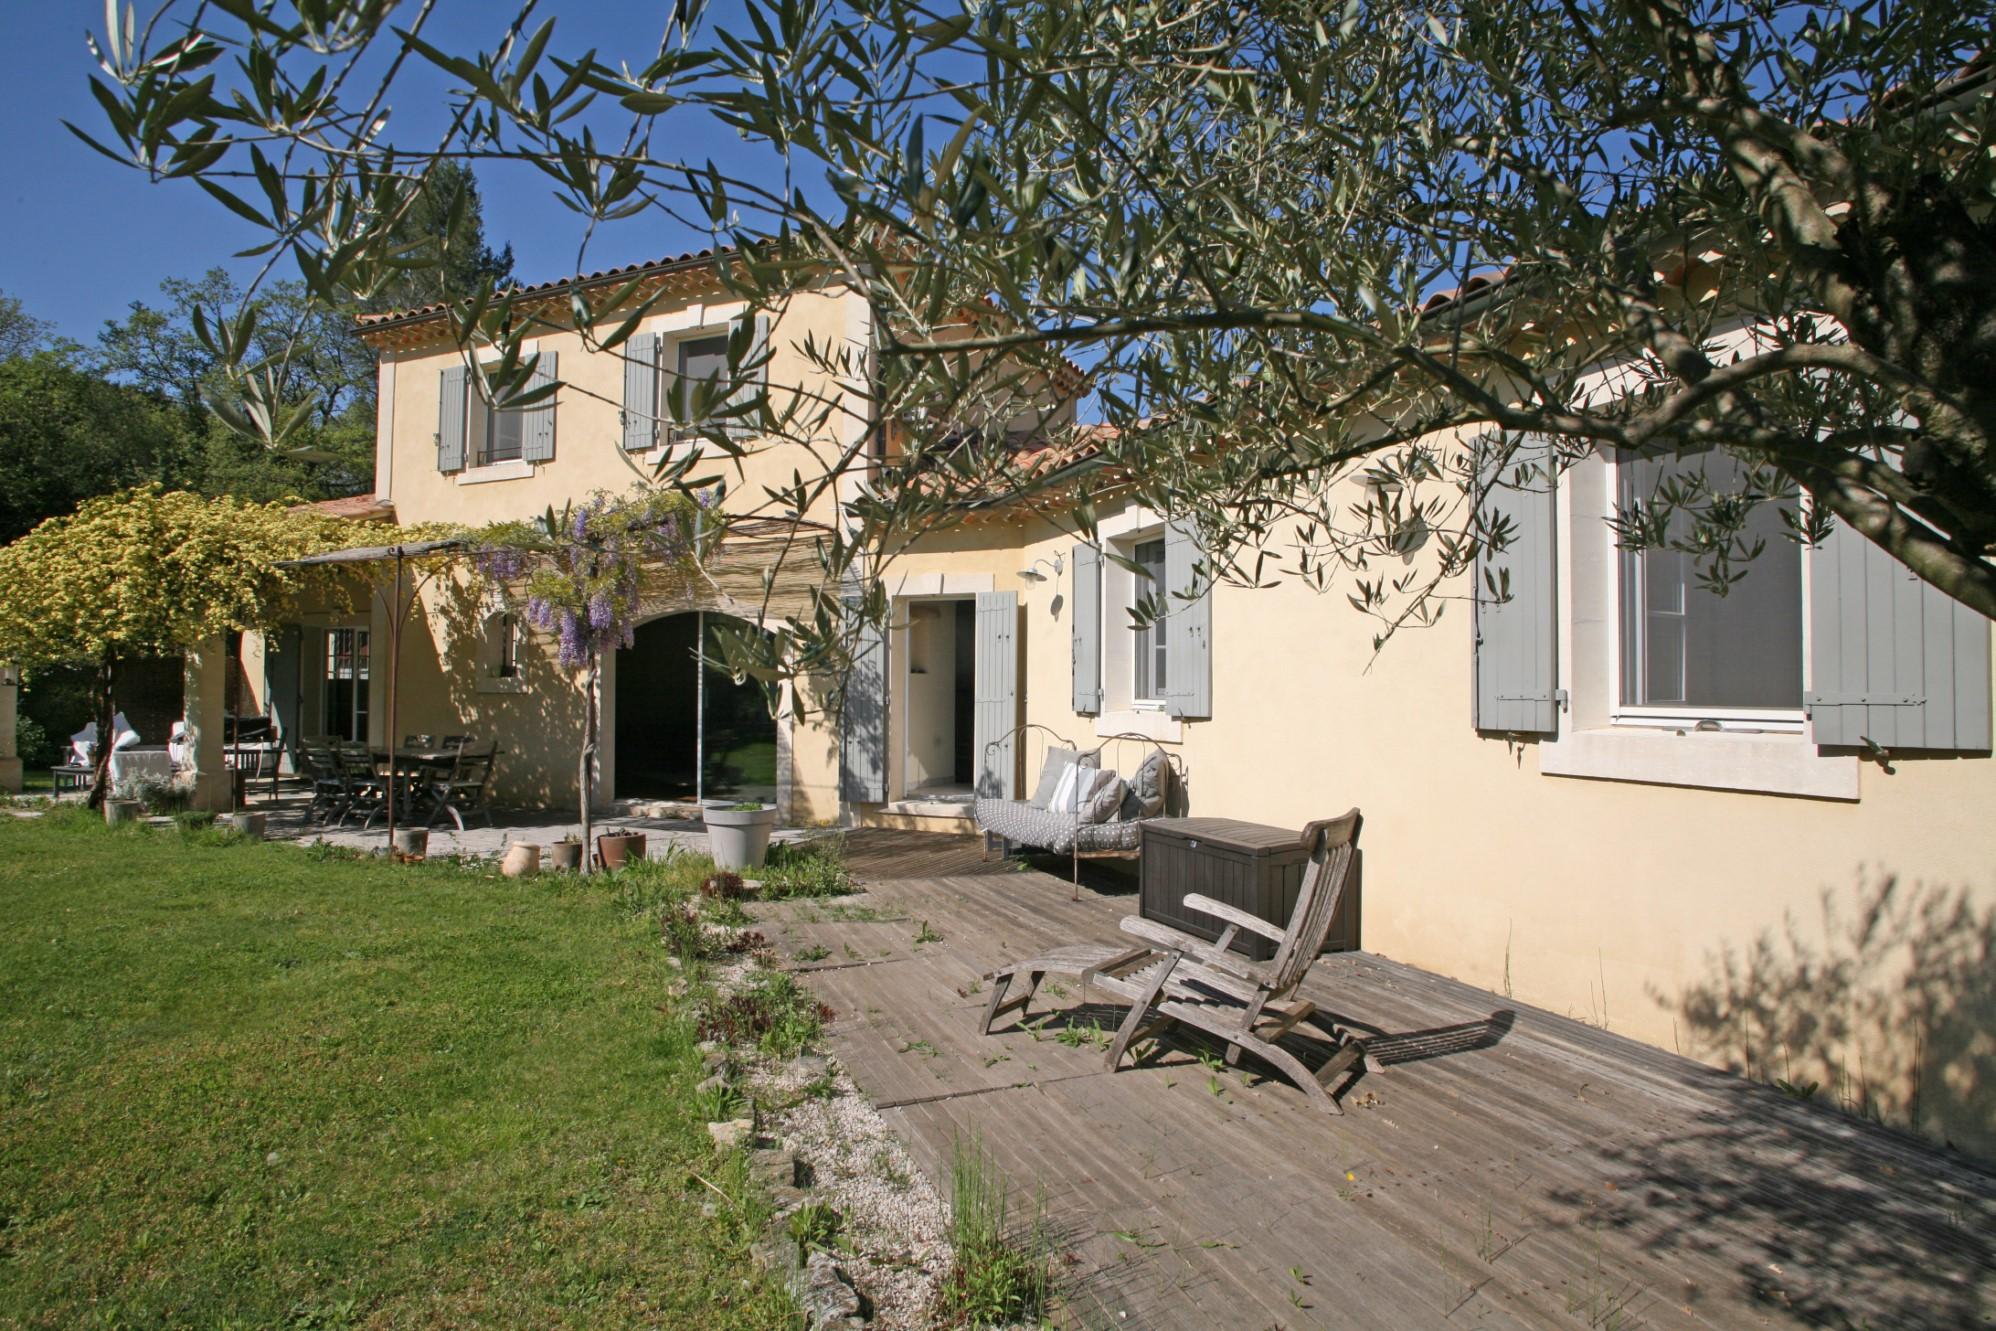 Maison traditionnelle aux portes du Luberon